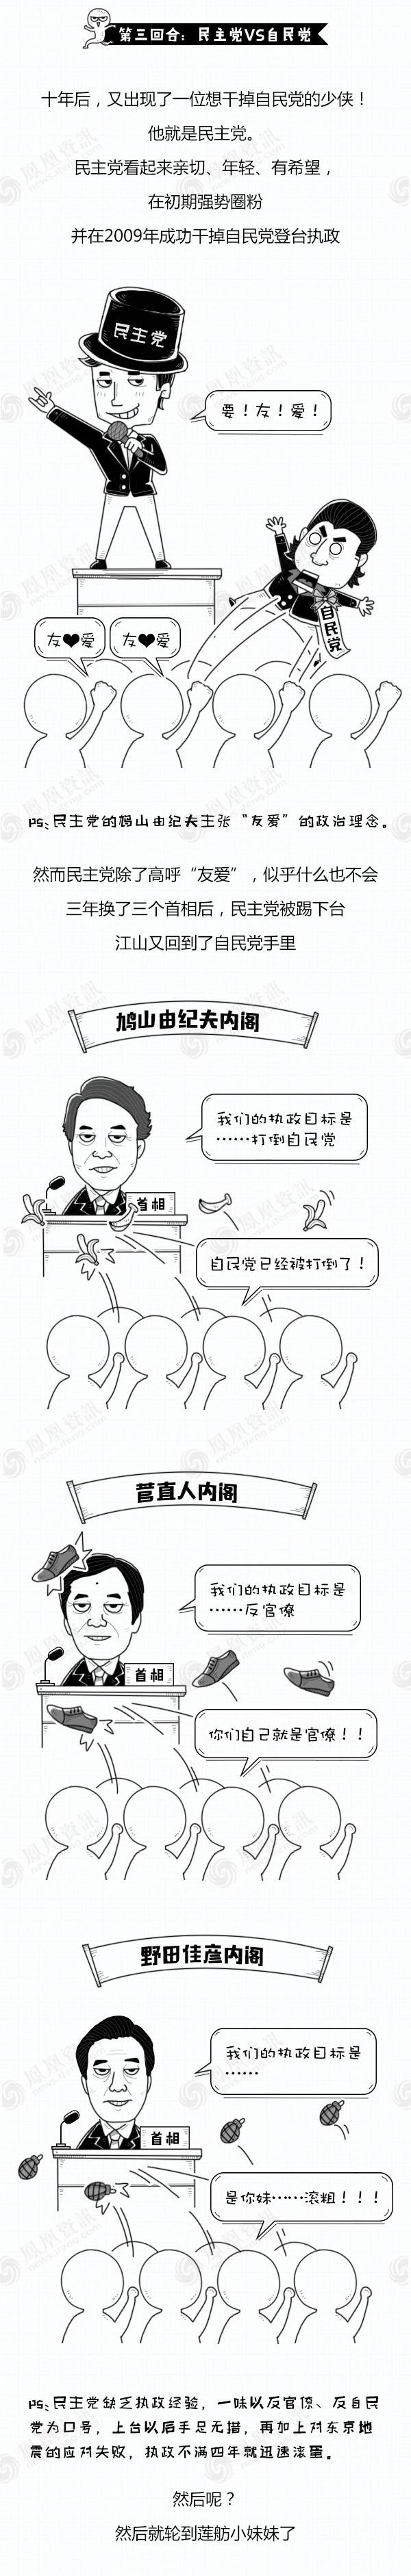 漫画:这个华裔女人,能干掉安倍和自民党吗? - 小美 - xing1969wuw的博客